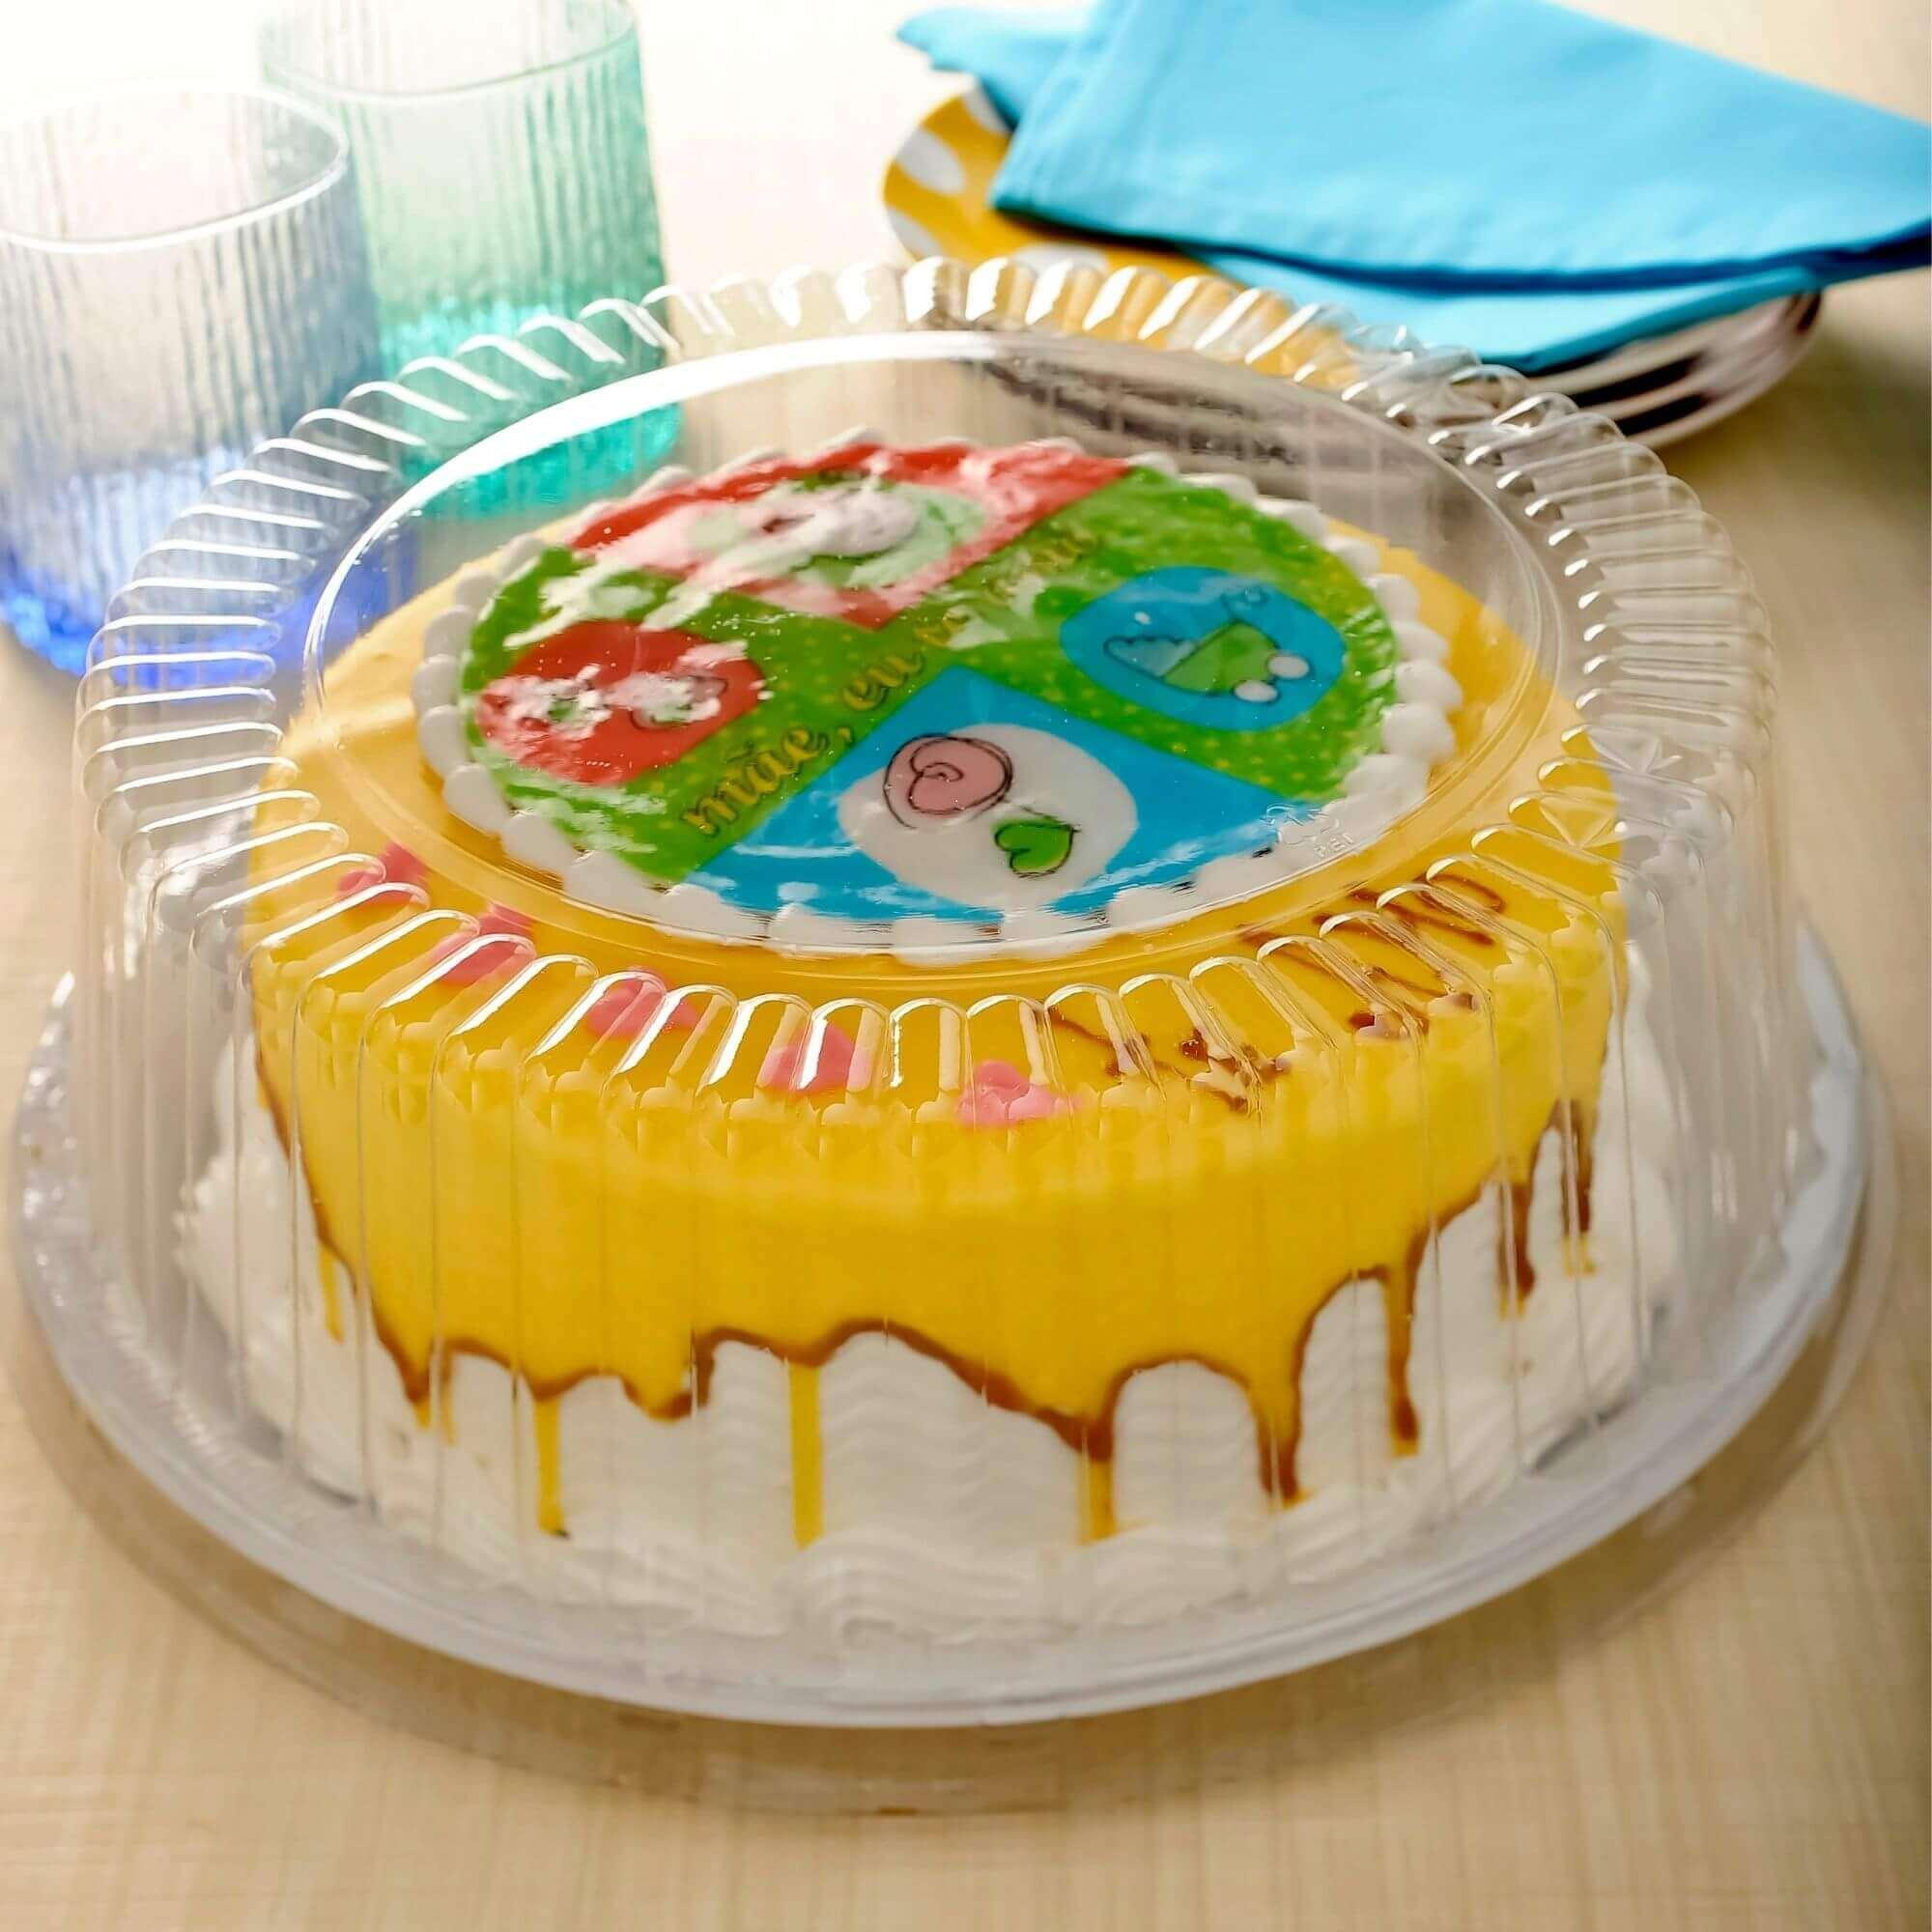 Embalagem bolo caseirinho forma aro 23 até 2kg - G56 Galvanotek